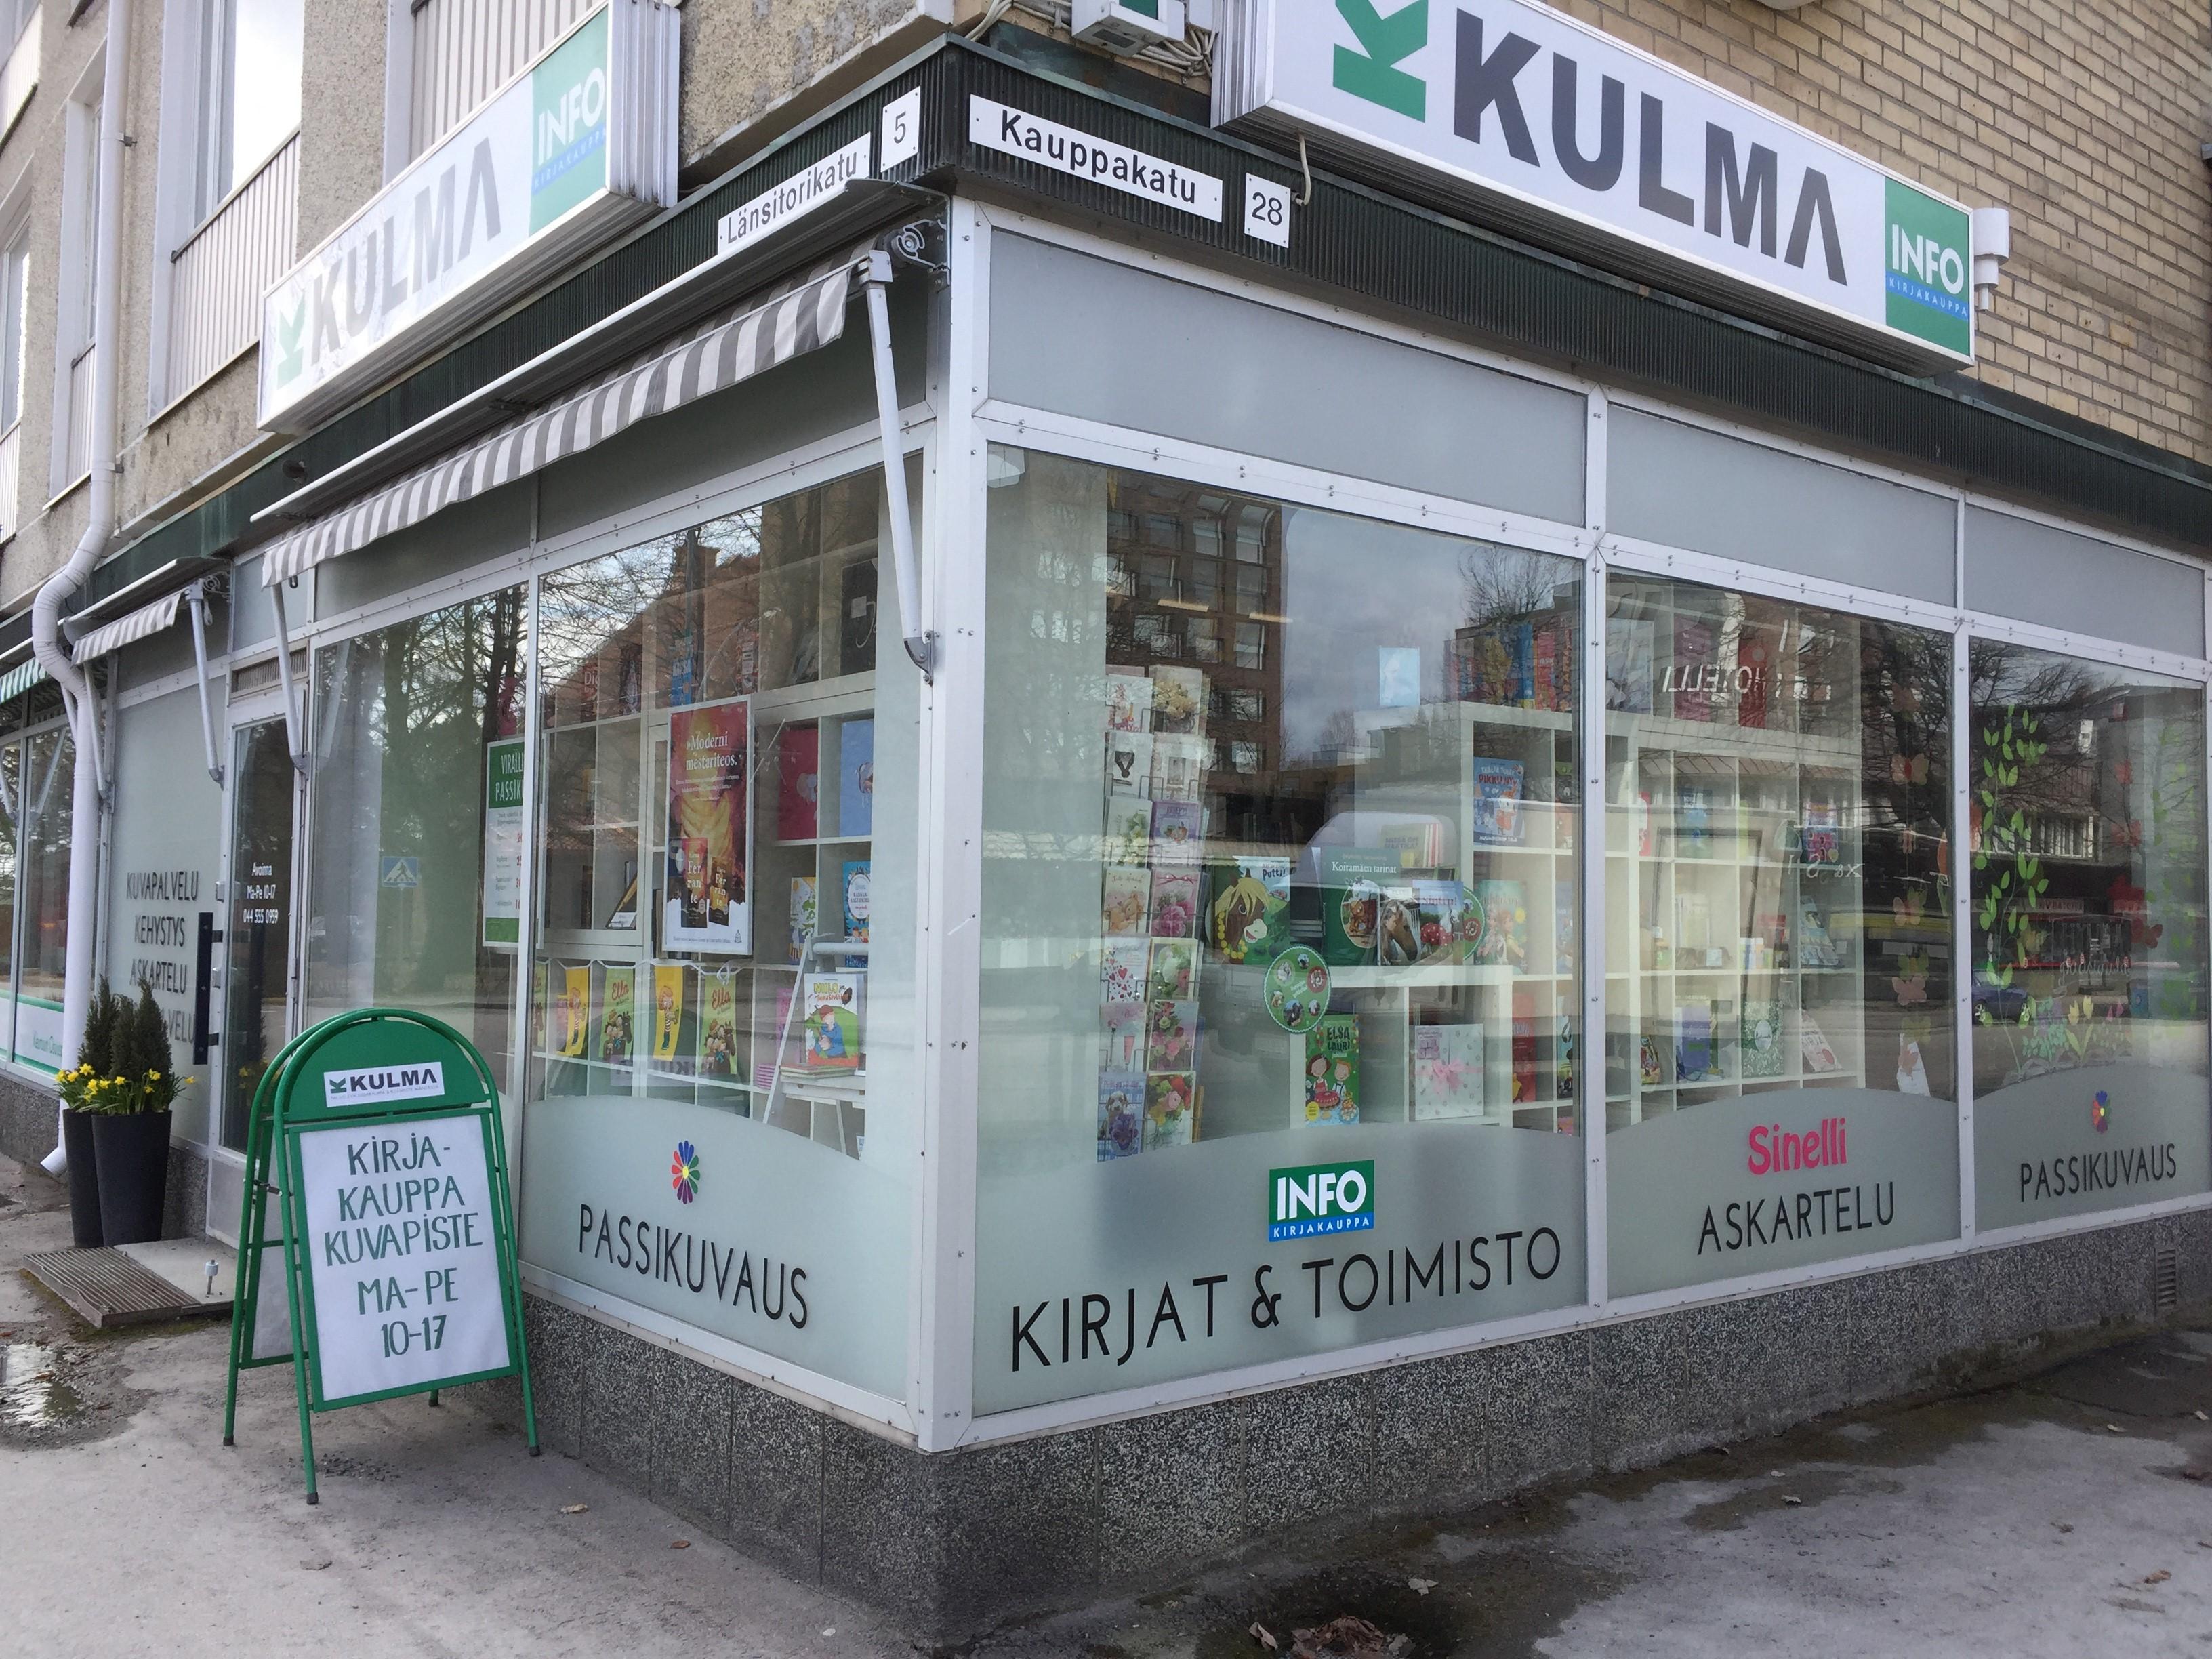 Noutotila Niittymäki